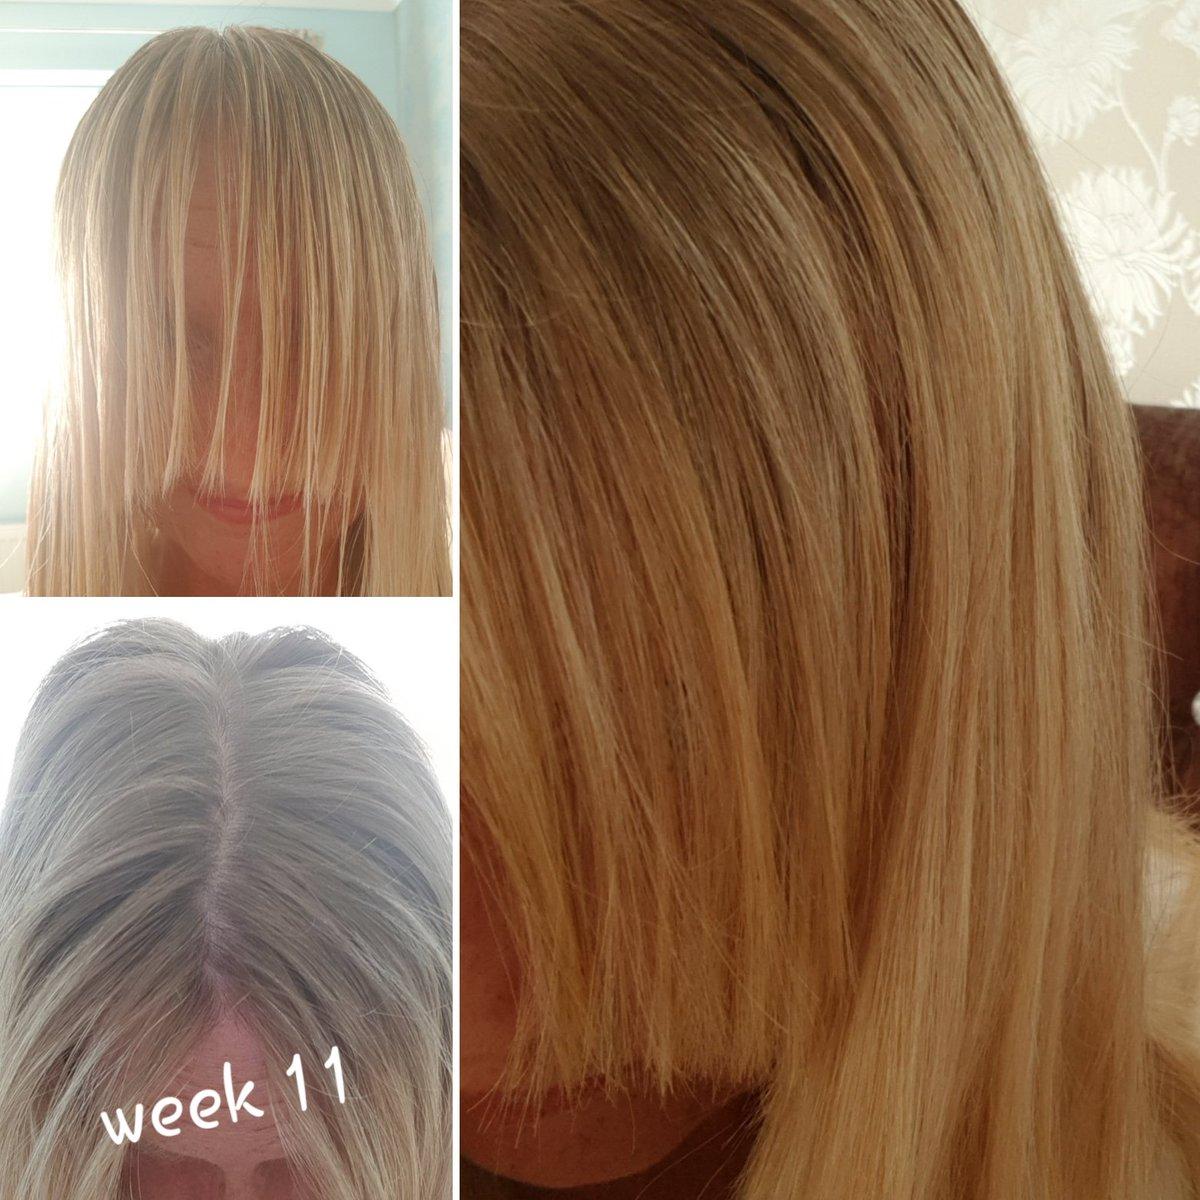 #week11 #lockdown #HairGrowth